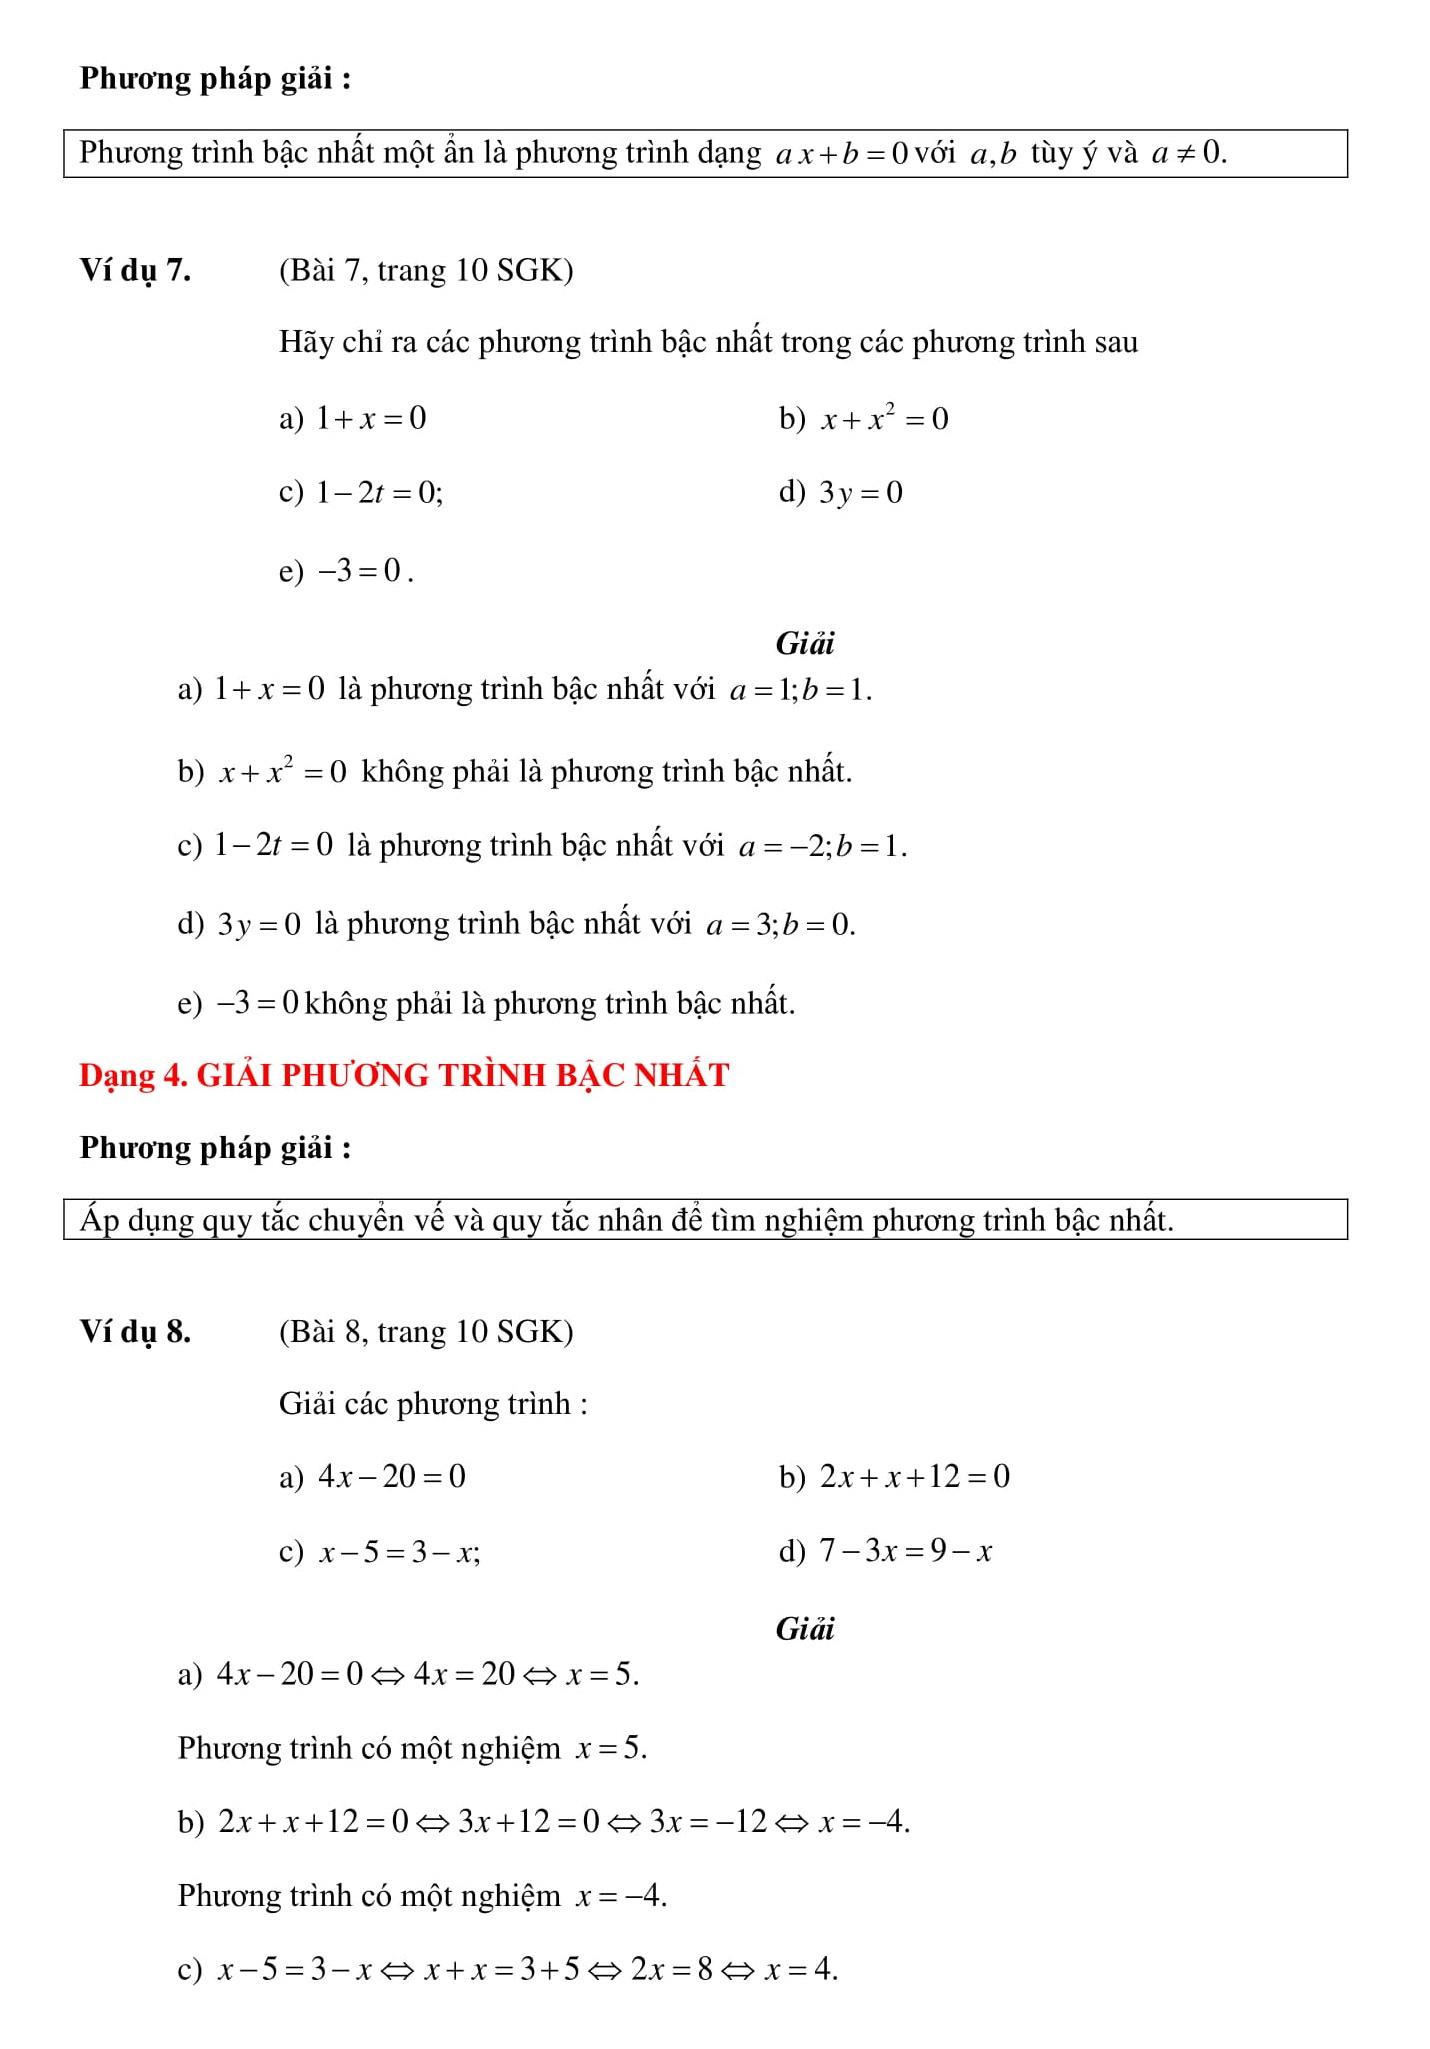 Đề cương HK2 toán 8 giúp thi GHK2 và HK2 được hiệu quả